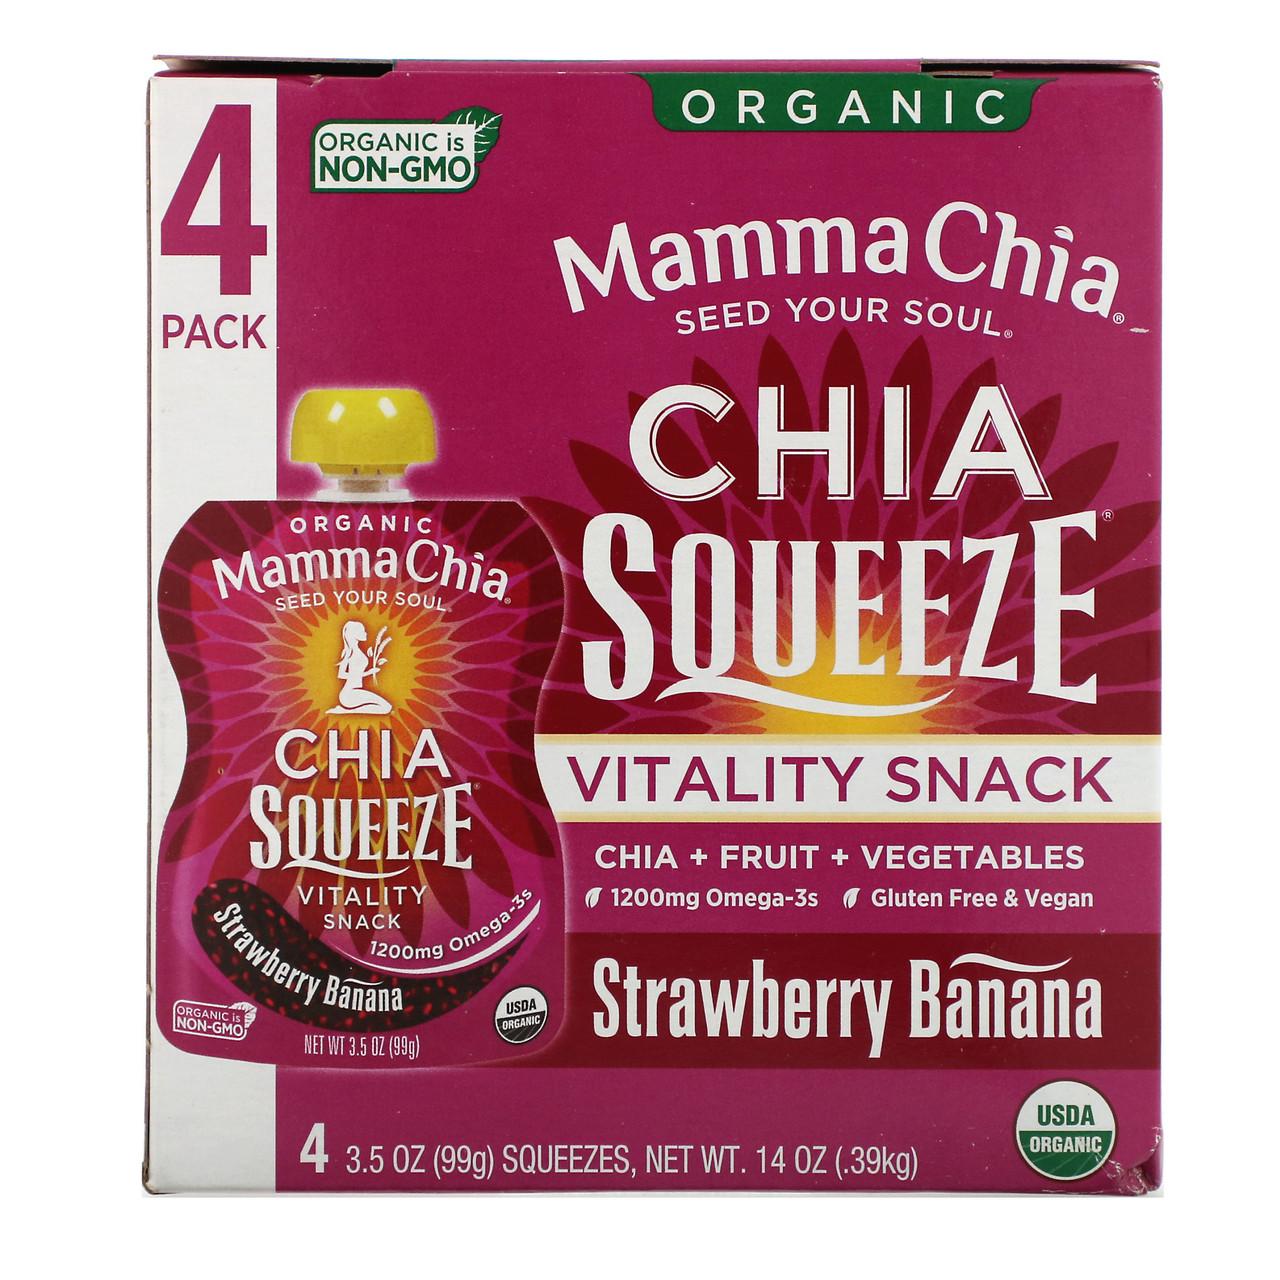 Семена чиа, Vitality Snack, Mamma Chia, 4 пак.